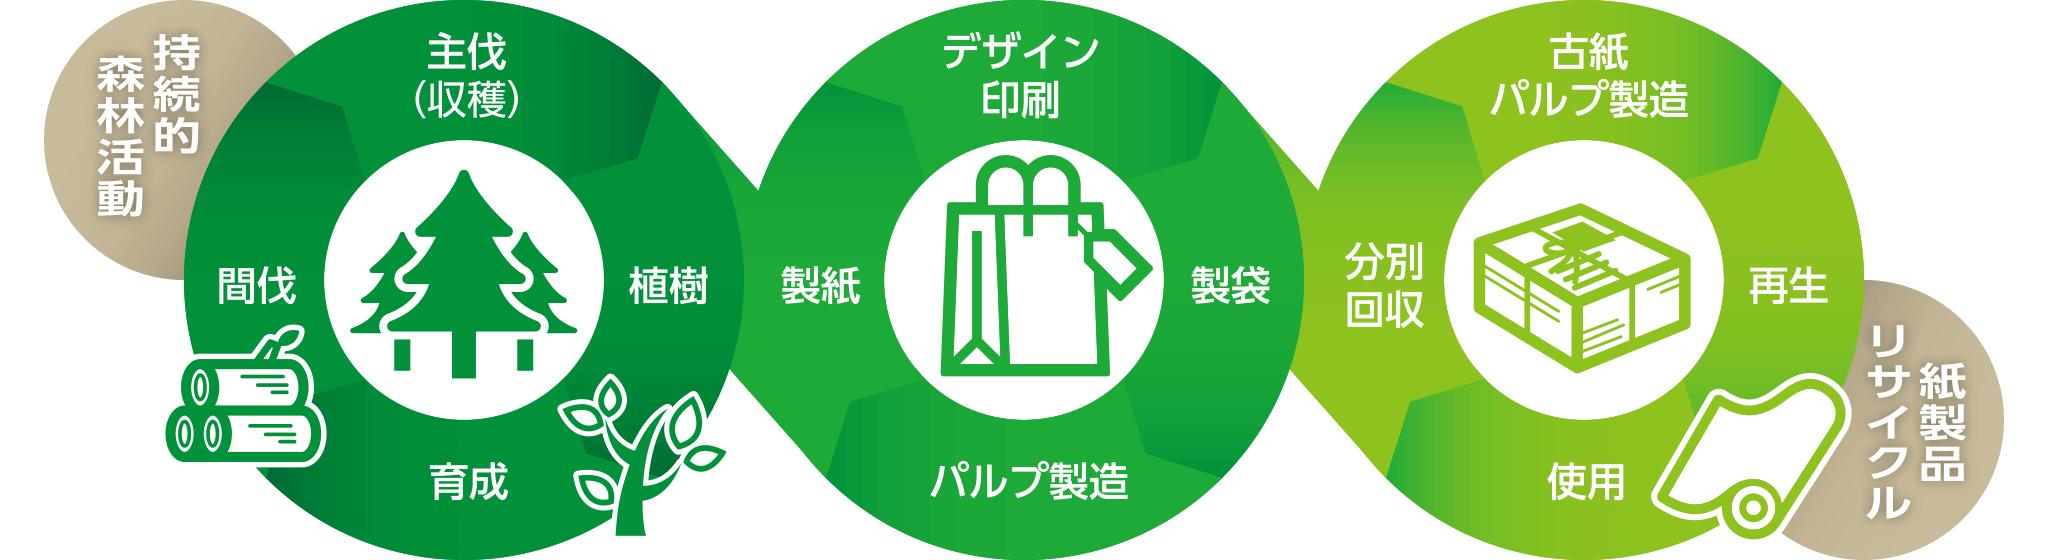 持続可能な循環型製品の紙袋はミライを育てる